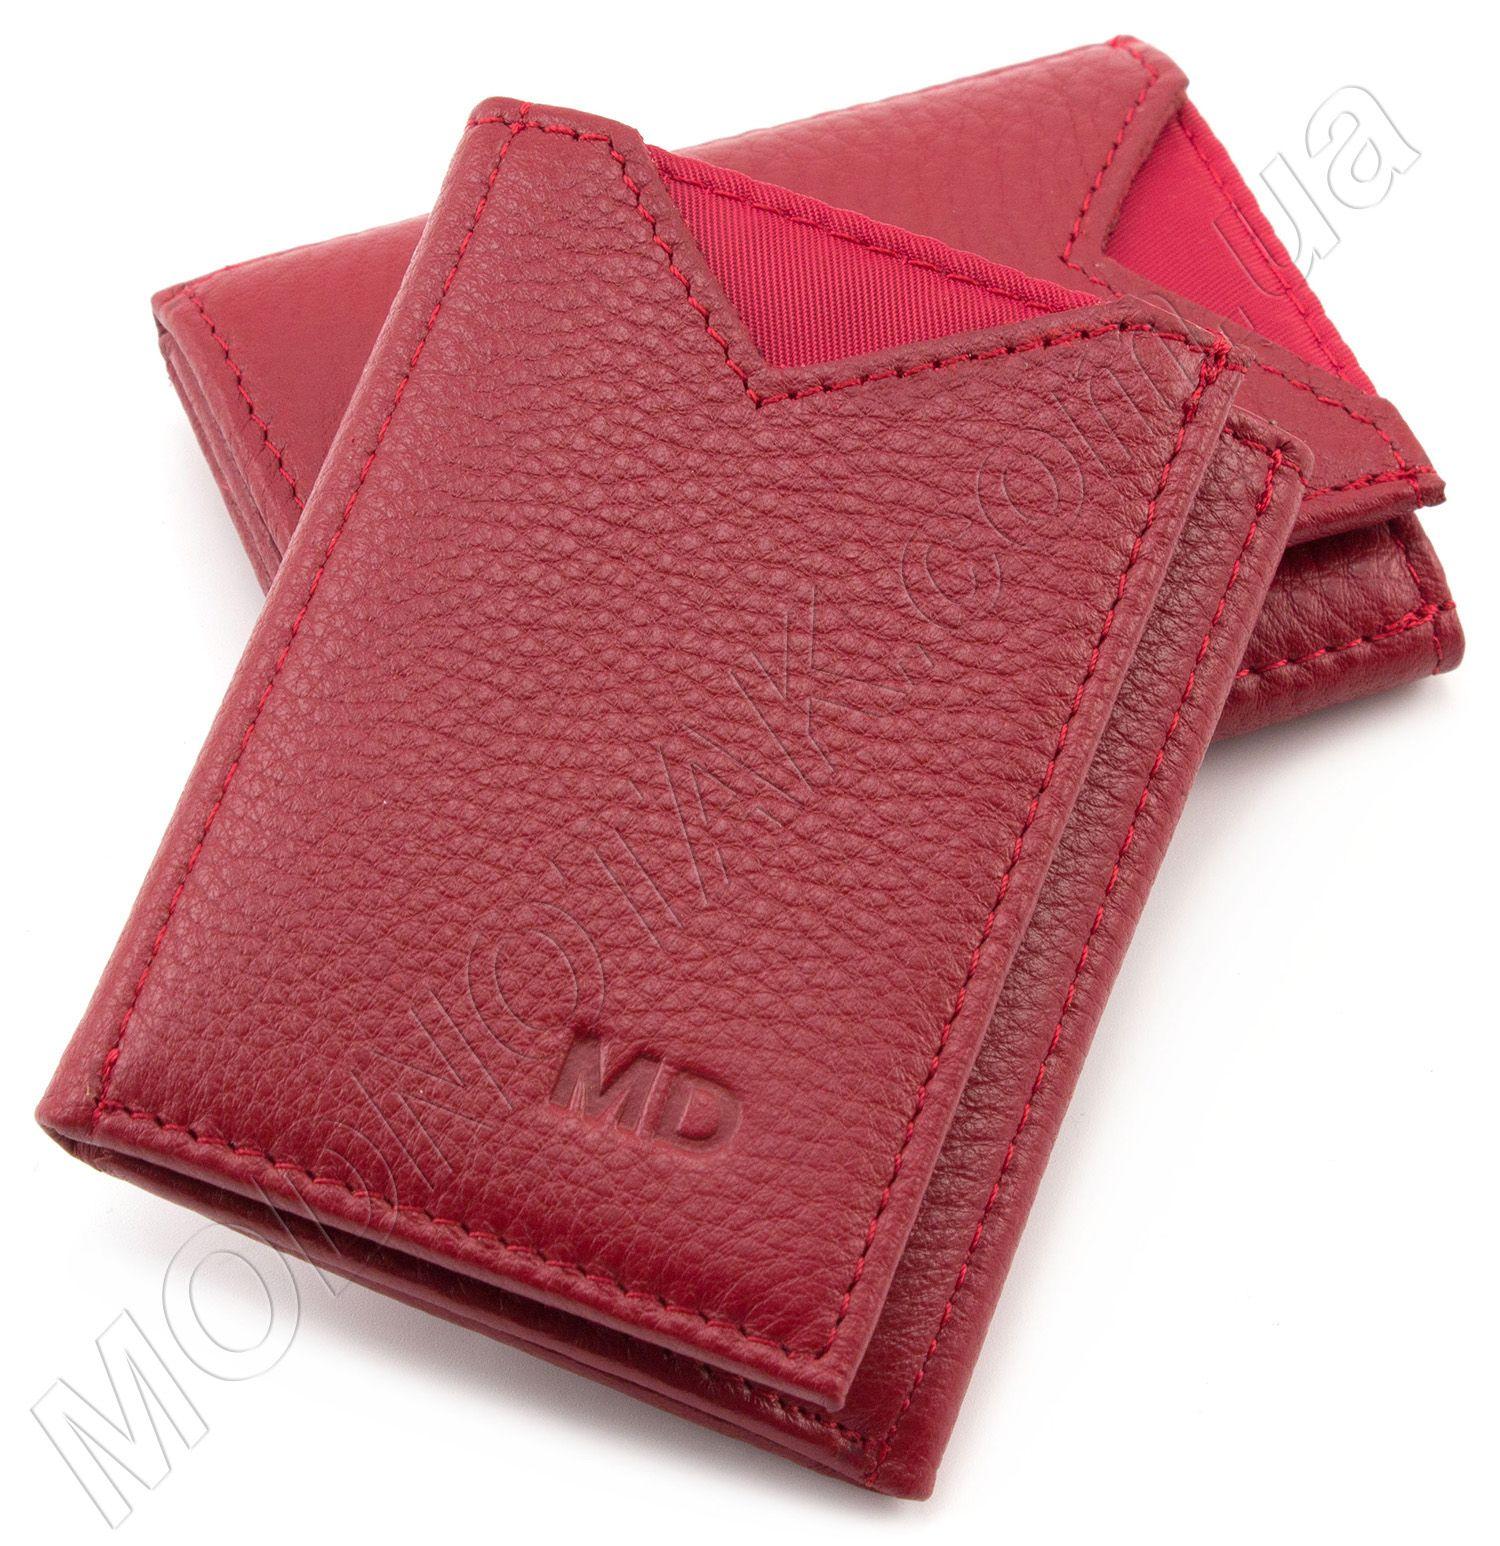 b89152e358f4 Маленький женский кошелек красного цвета MD Leather: купить ...